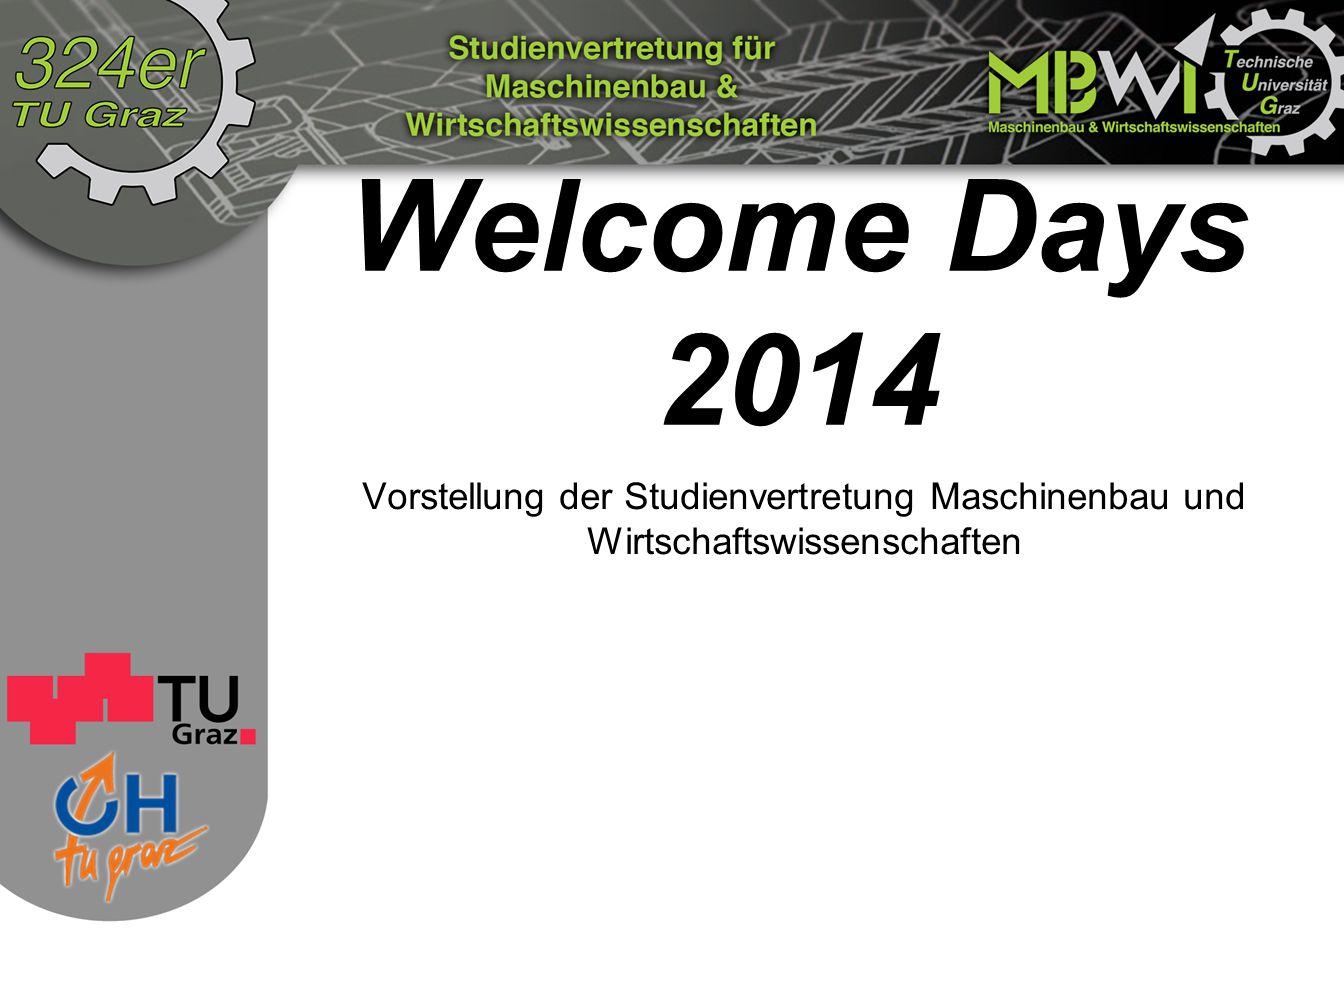 Welcome Days 2014 Vorstellung der Studienvertretung Maschinenbau und Wirtschaftswissenschaften